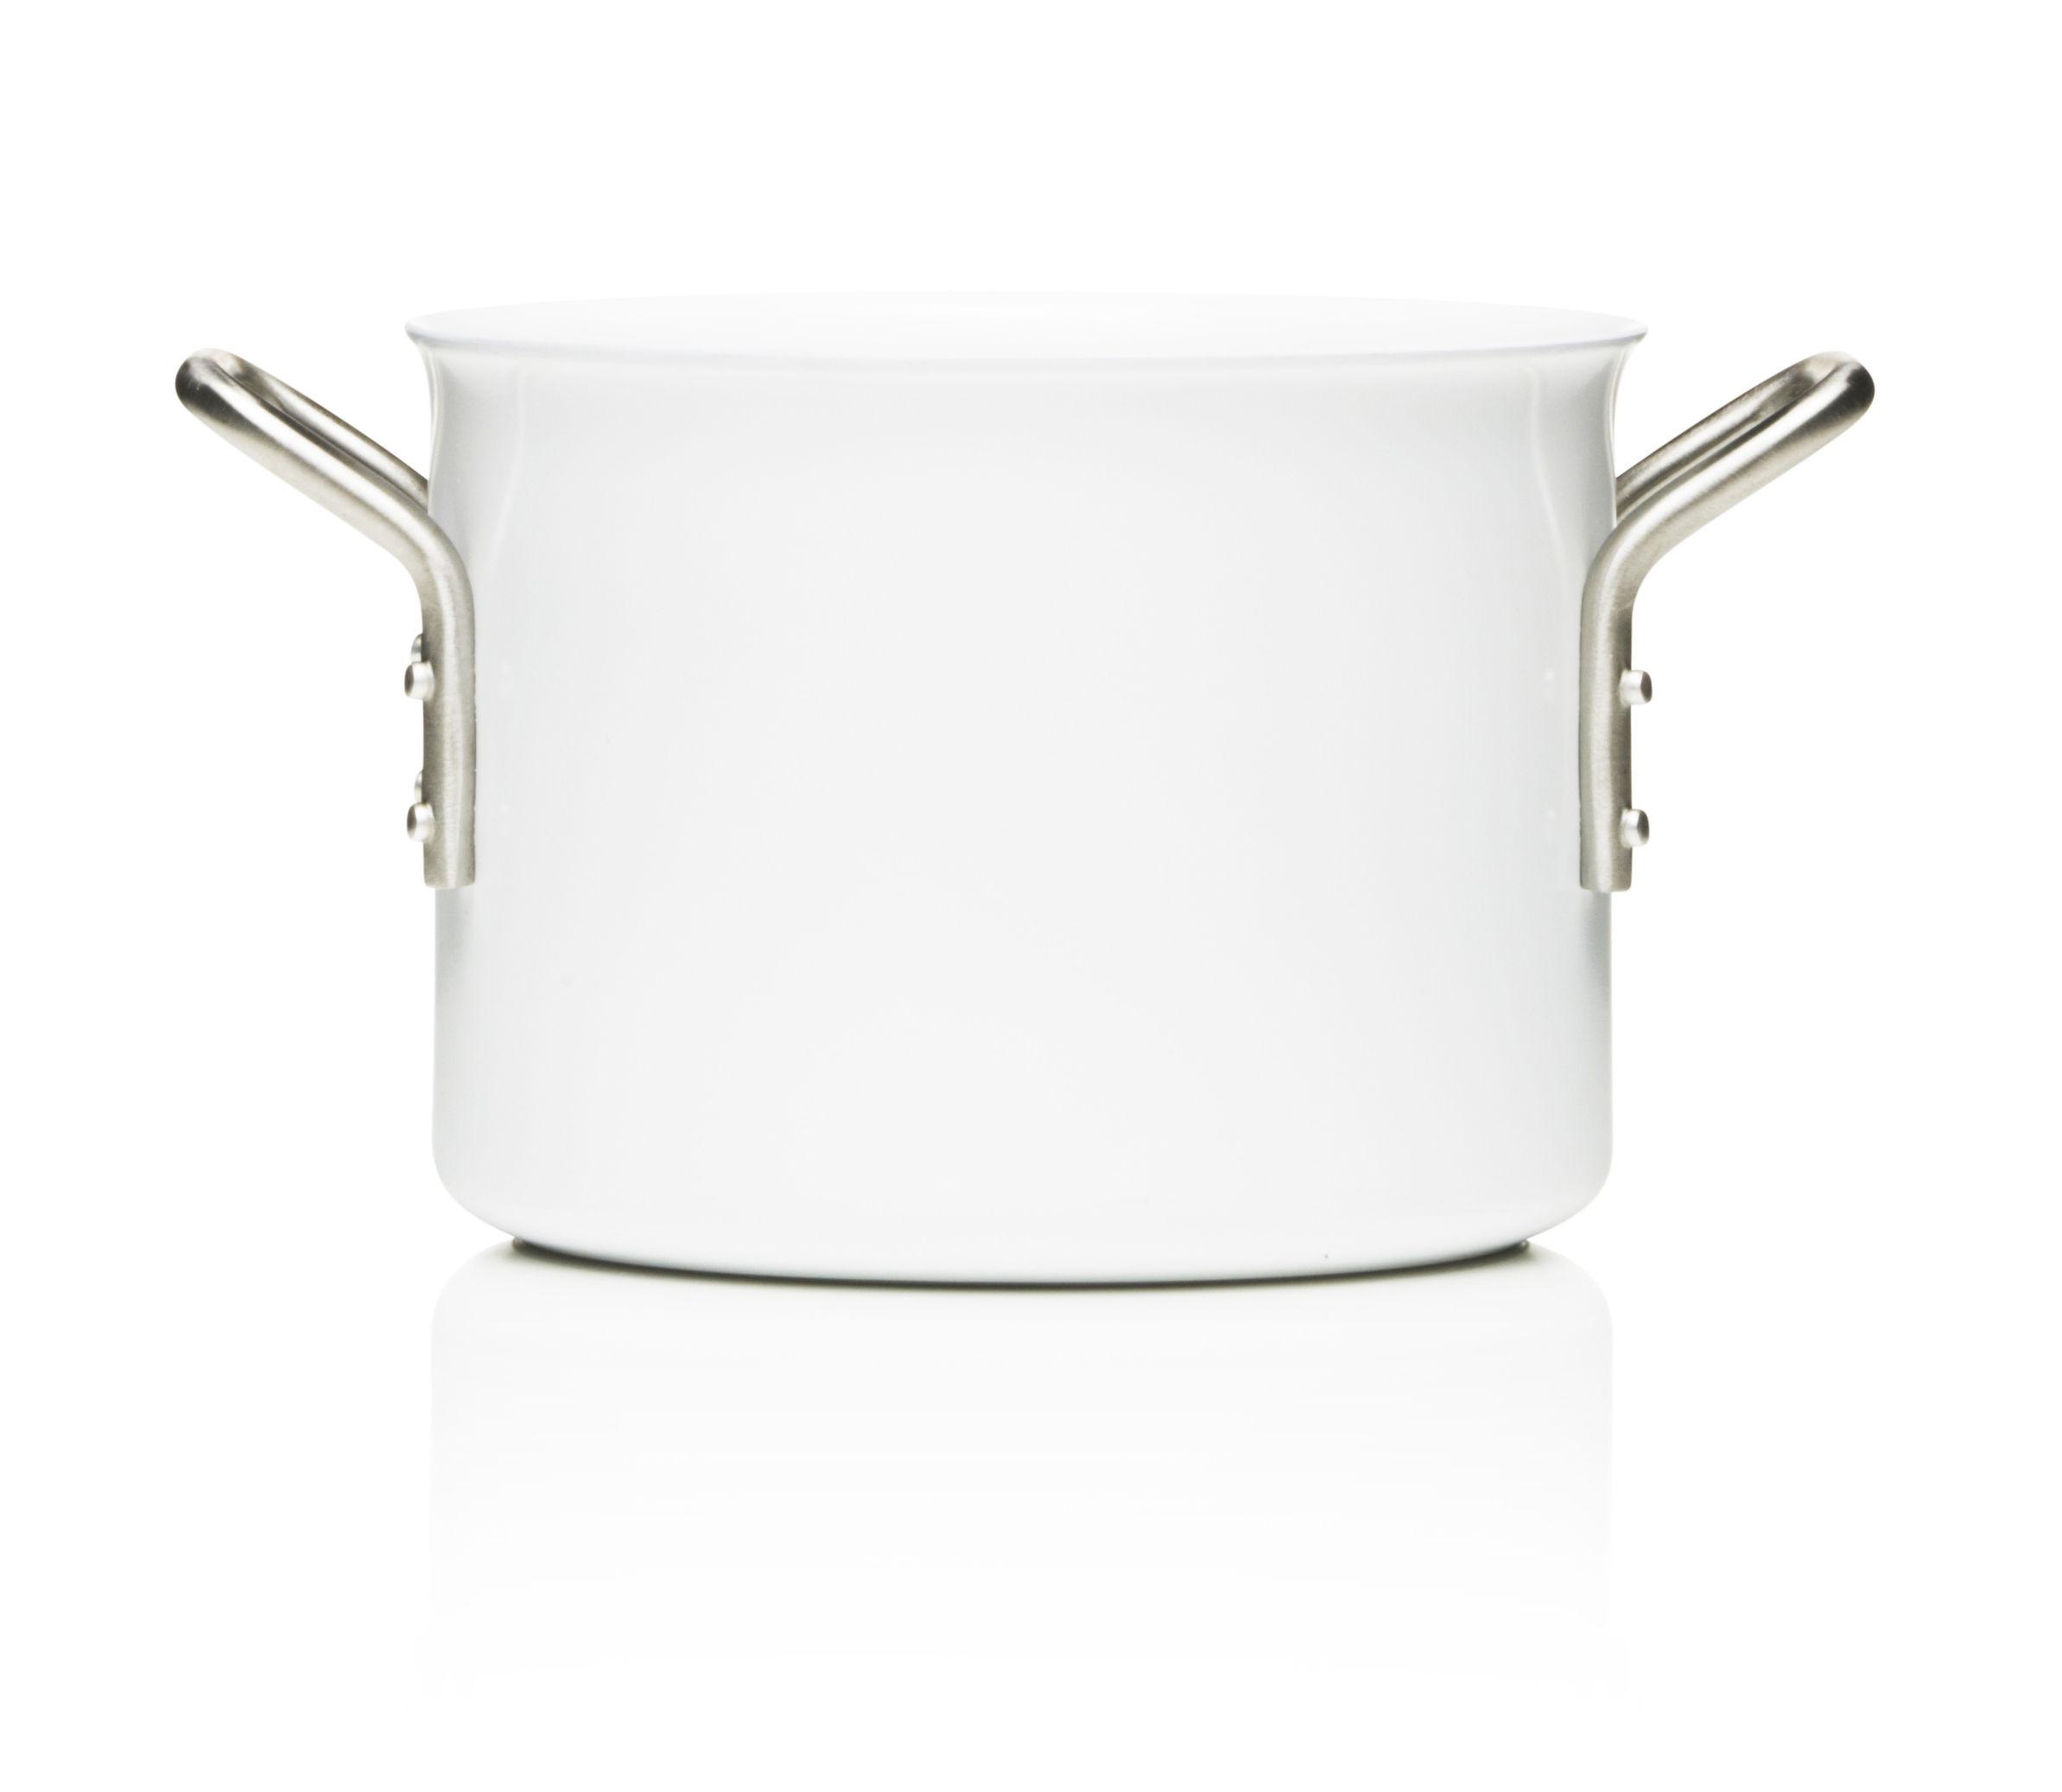 Küche - Pfannen, Koch- und Schmortöpfe - White Line Kochtopf 2,5 L - Eva Trio - 2,5 Liter - weiß - Aluminium, Keramik, rostfreier Stahl